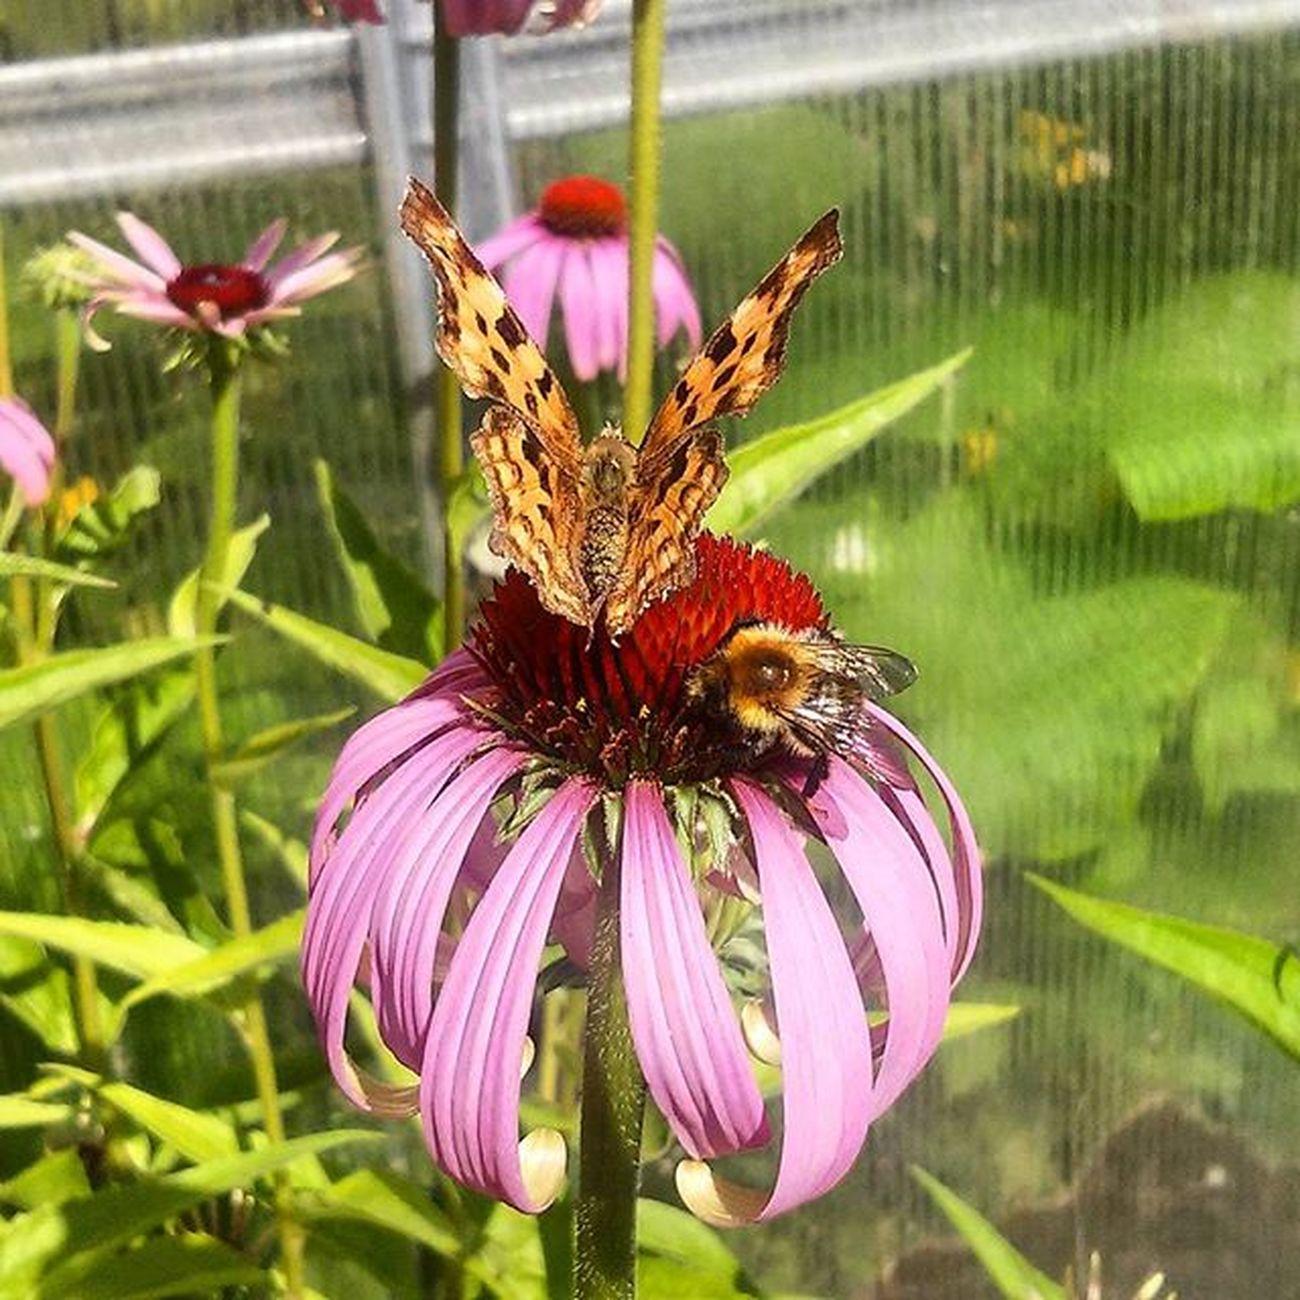 Bumblebee Butterfly Flower Pink Green Nature VSCO Vscocam Vscophoto Vscomoment Vscoday Vscolife Vscoflower Vscobutterfly Vscorussia